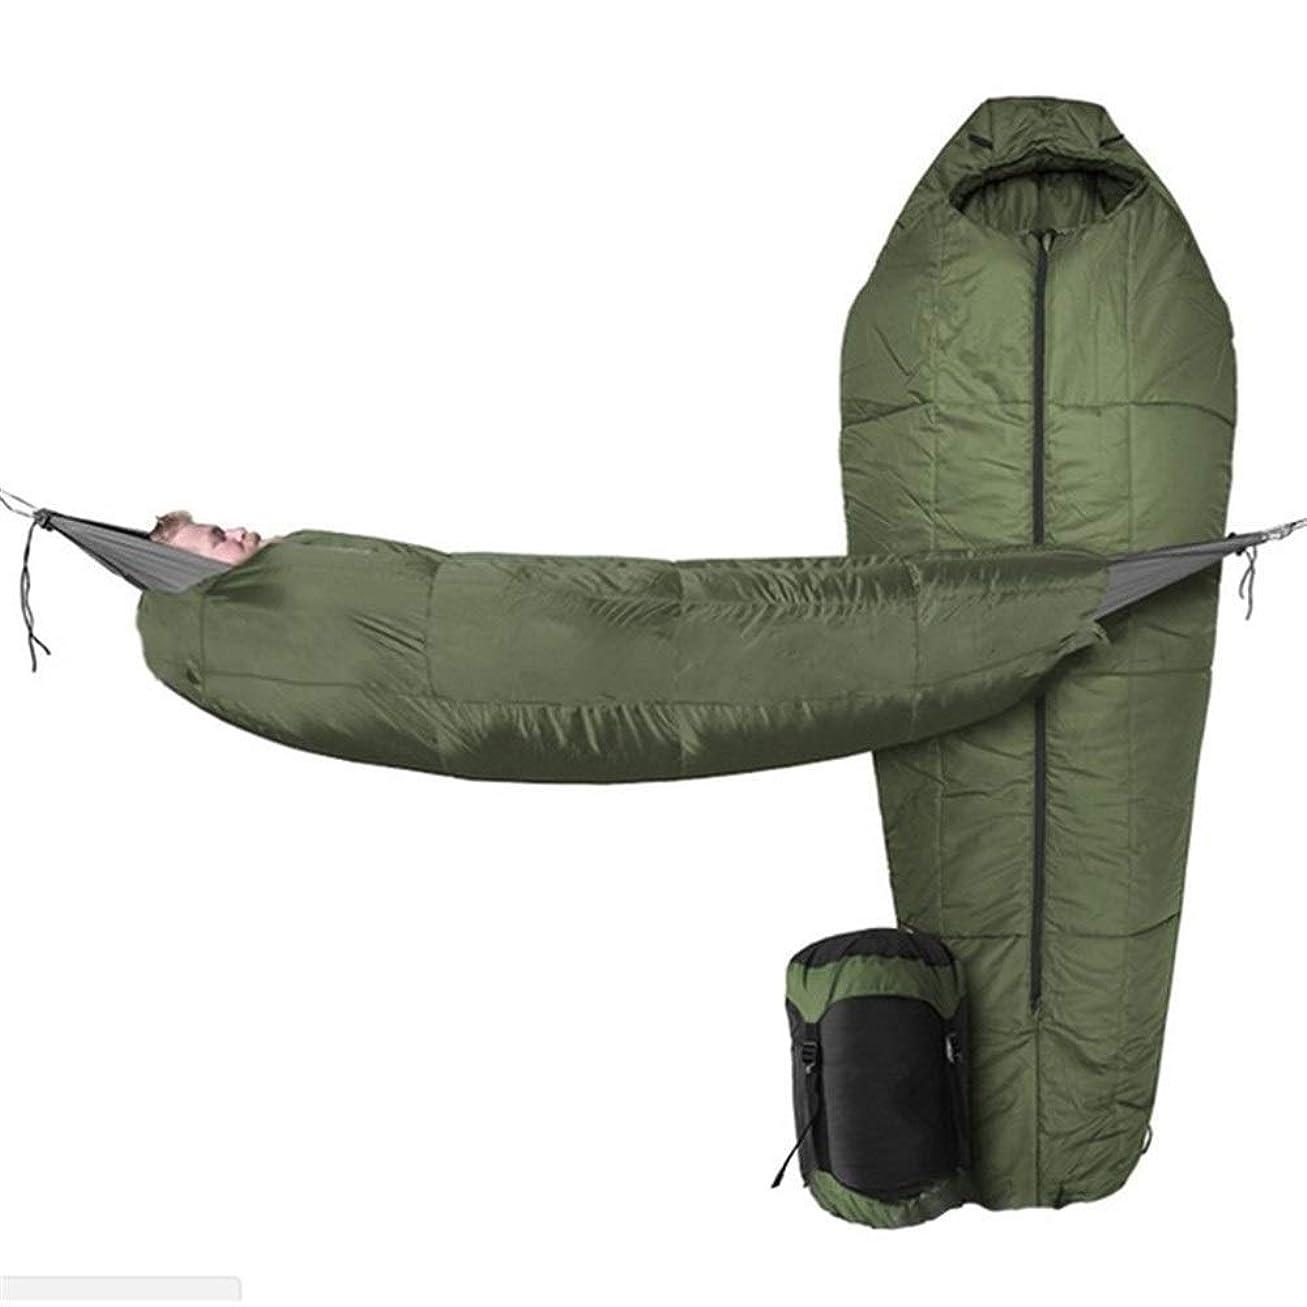 克服する能力展開するFeiyuantong バッグ中空綿の暖かいエンベロープが怠惰な眠っている屋外のキャンプハンモック超軽量寝袋緑のミイラでハイキングアクセサリー (Color : Green)